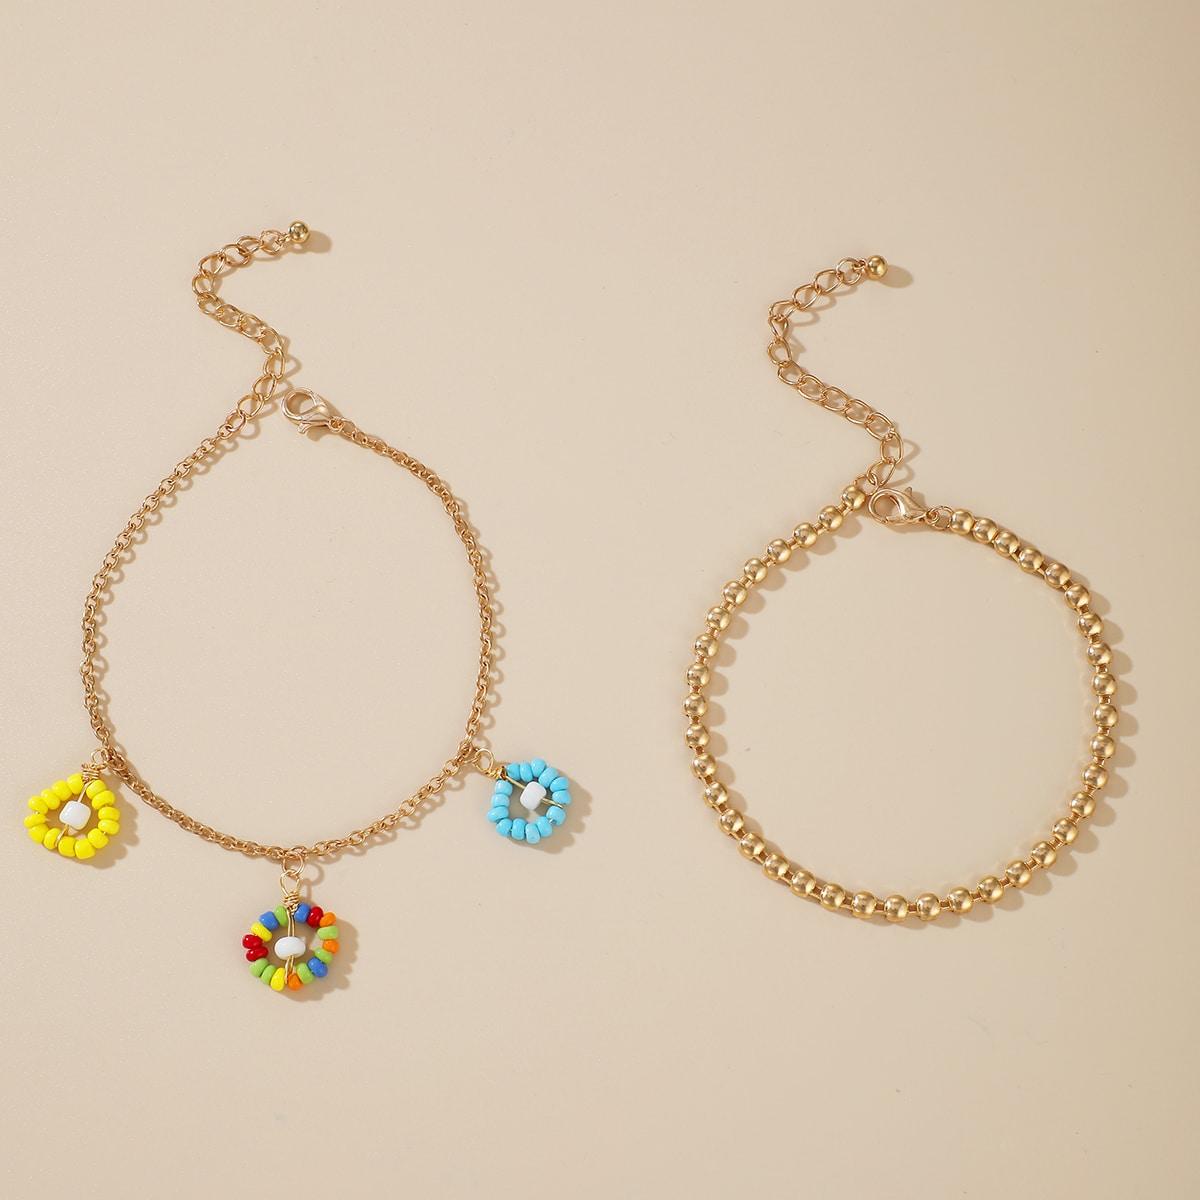 SHEIN / 2 Stücke Fußkette mit Perlen Anhänger